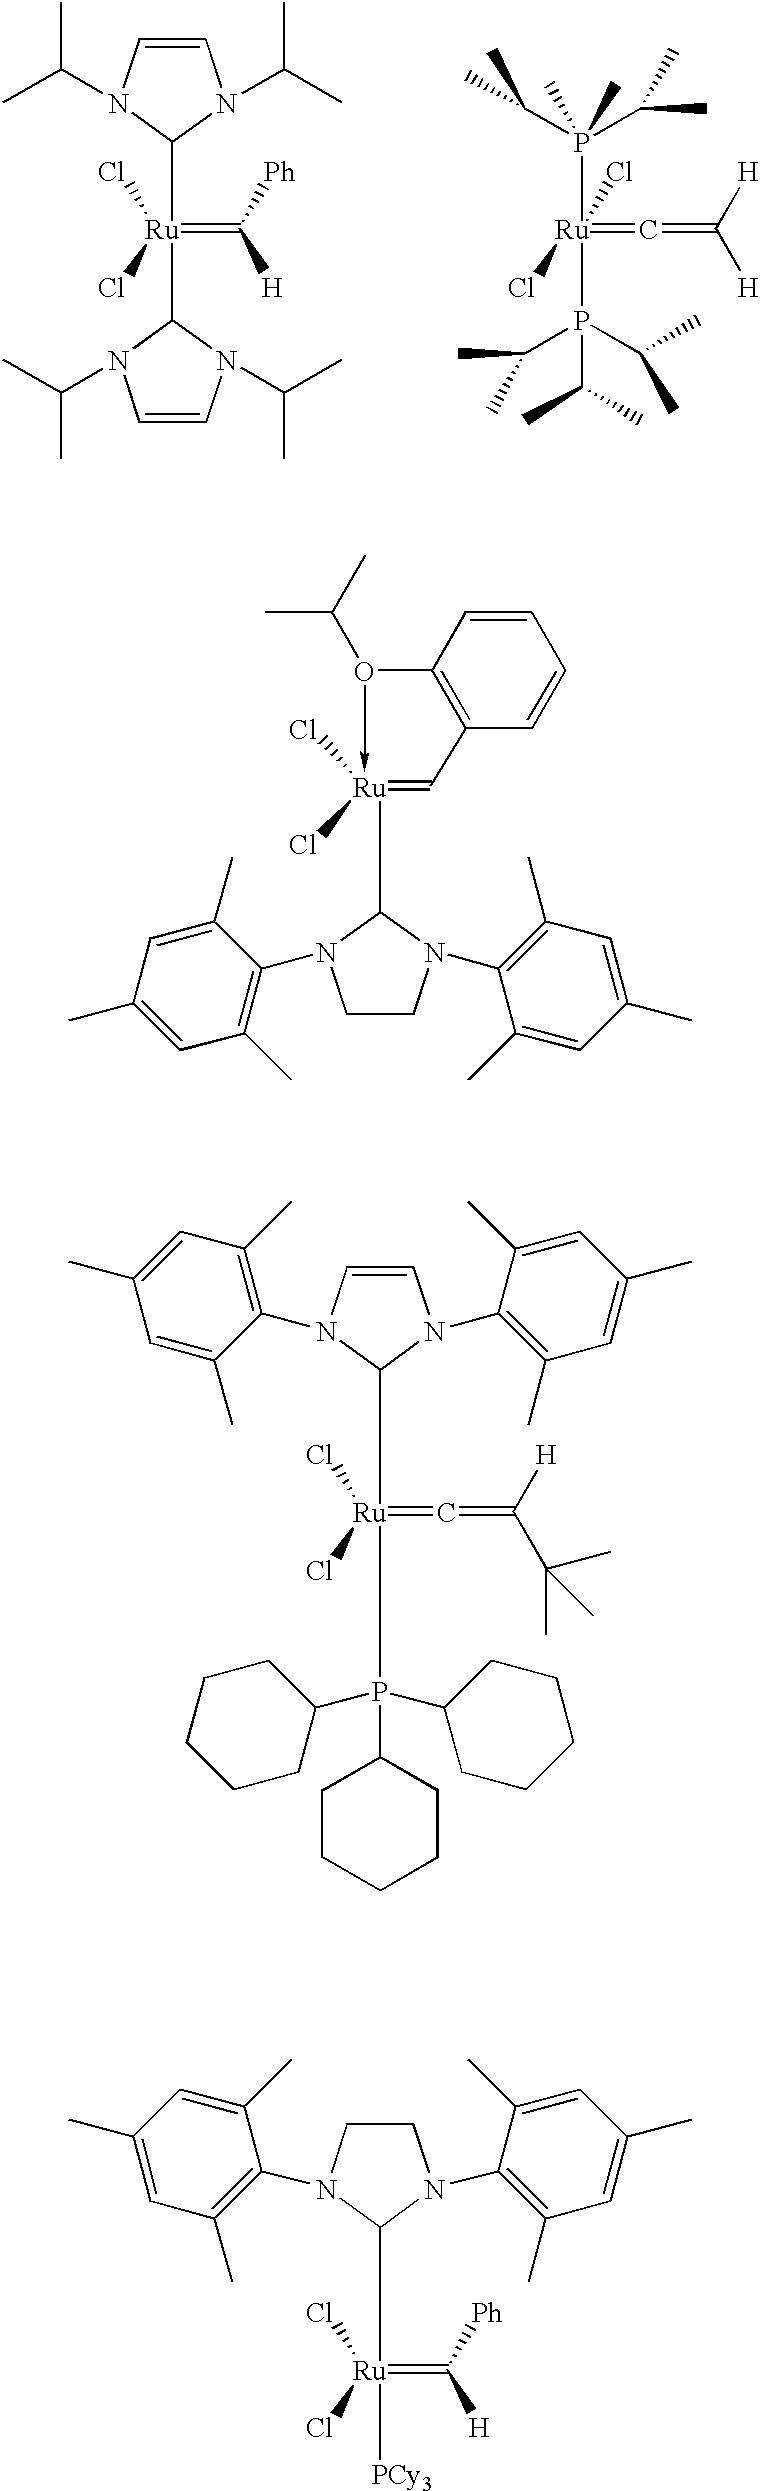 Figure US06800170-20041005-C00008